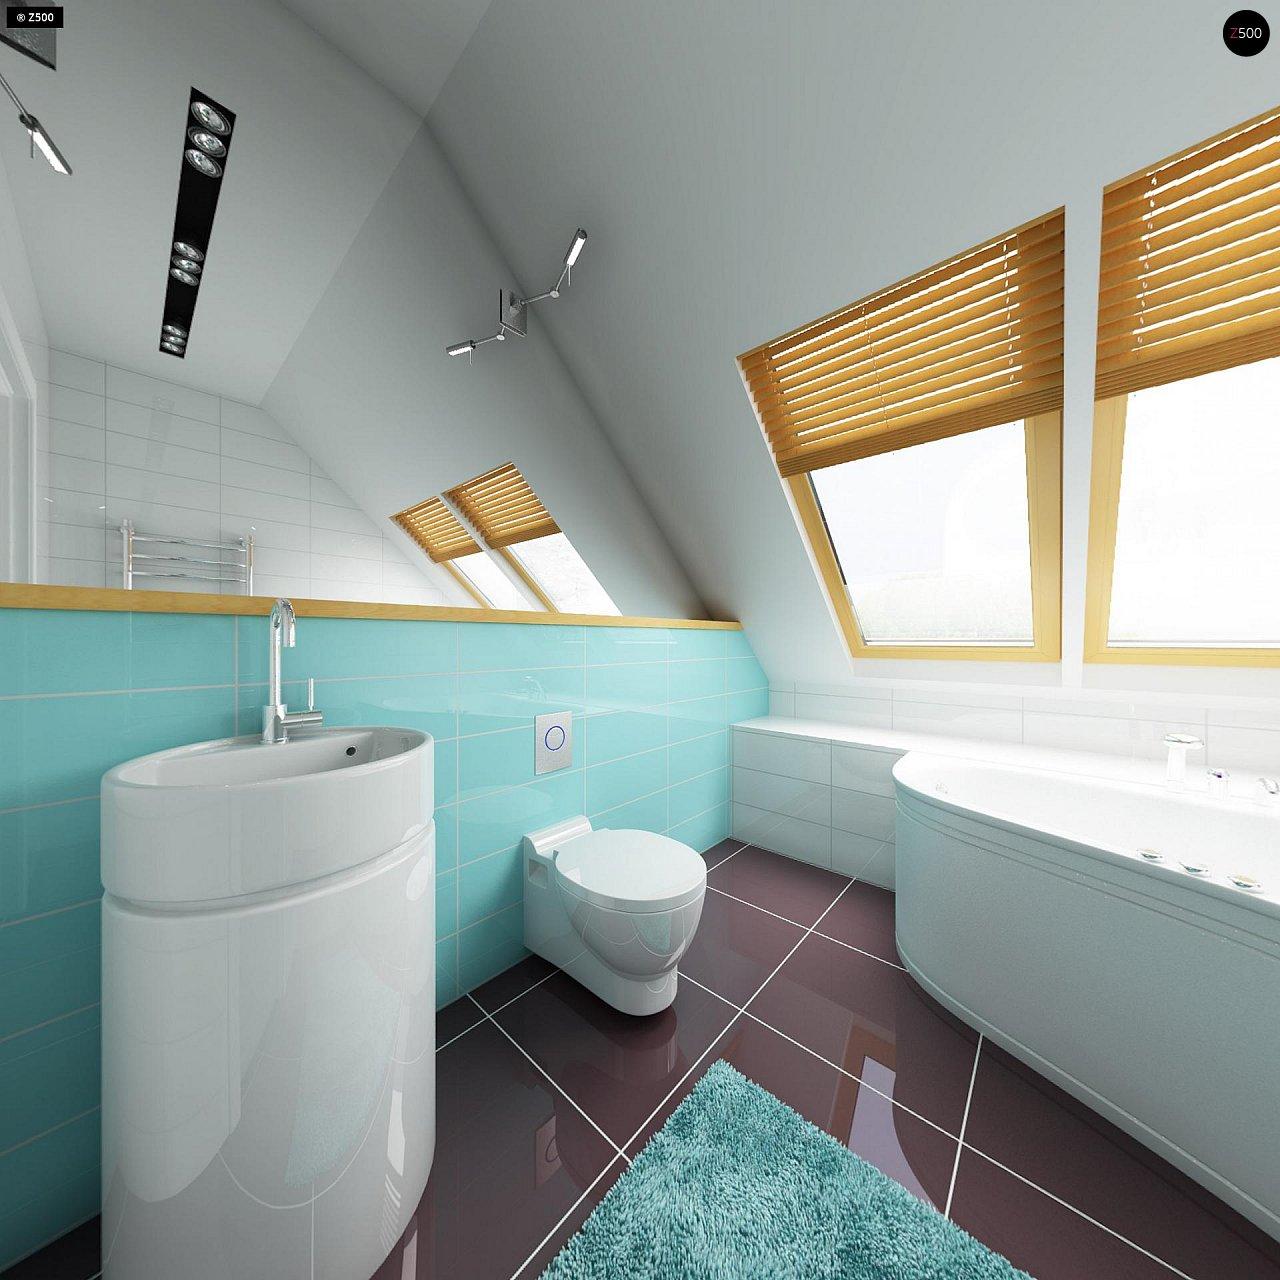 Практичный дом для небольшого участка, простой в строительстве, дешевый в эксплуатации. 13